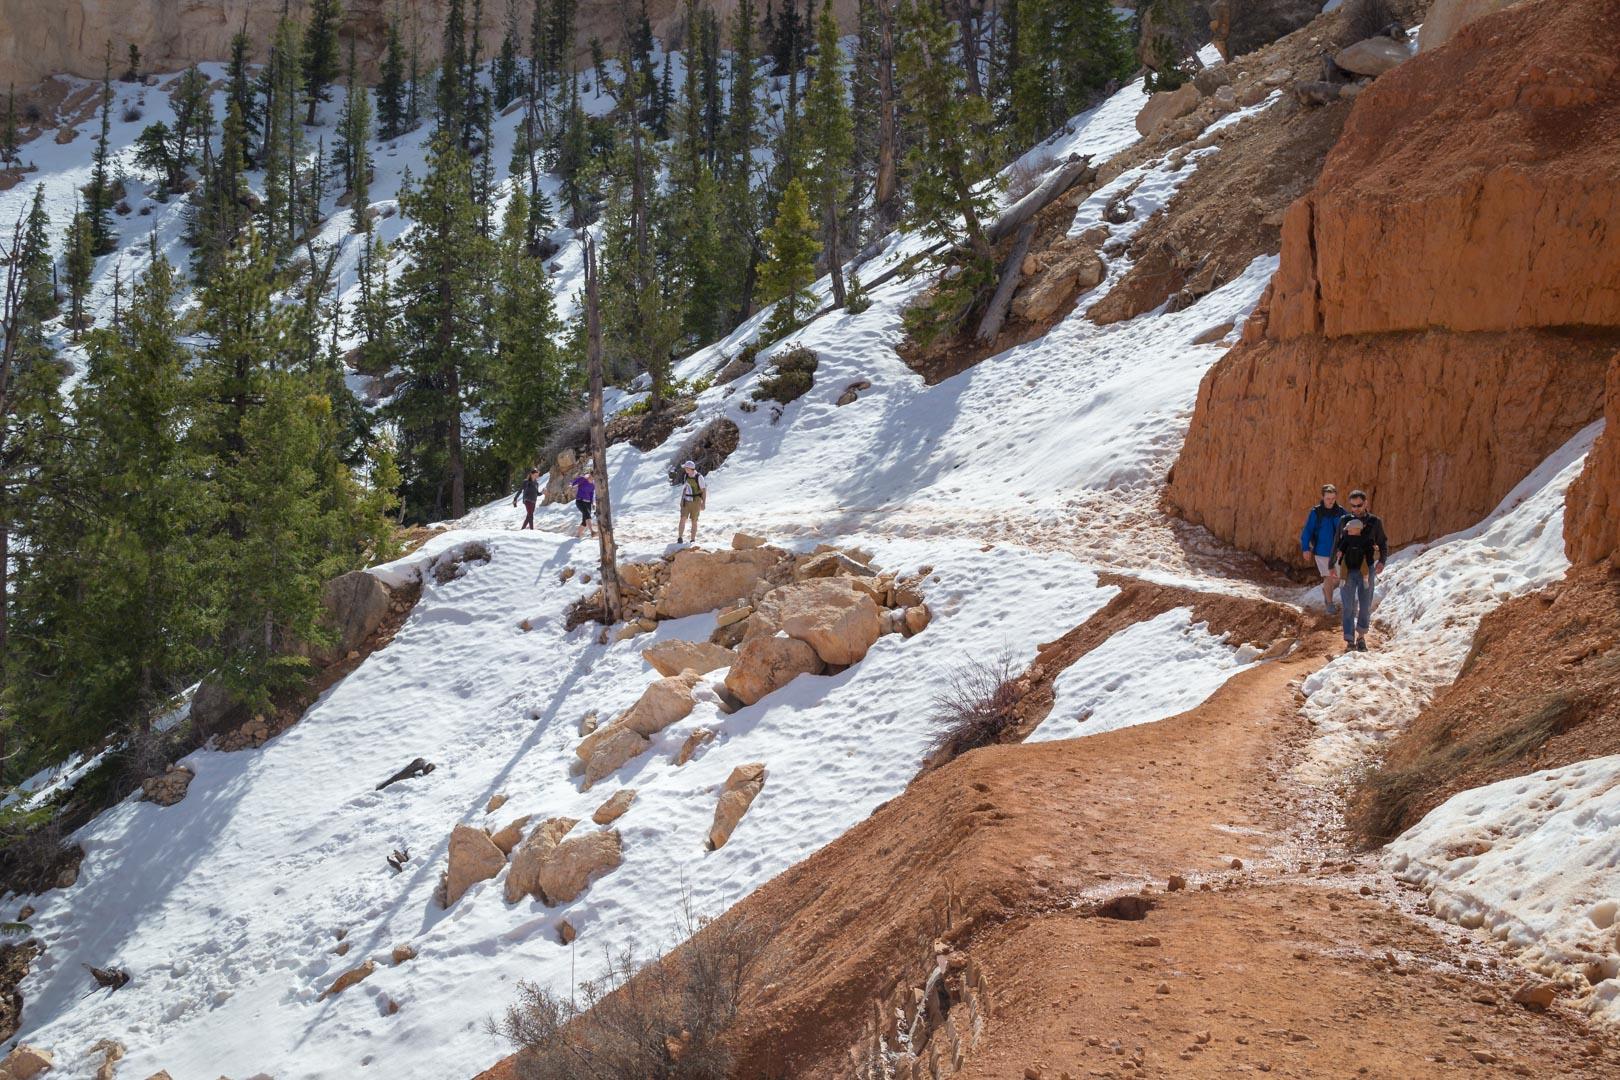 Une partie de la randonnée s'est faite dans la neige !